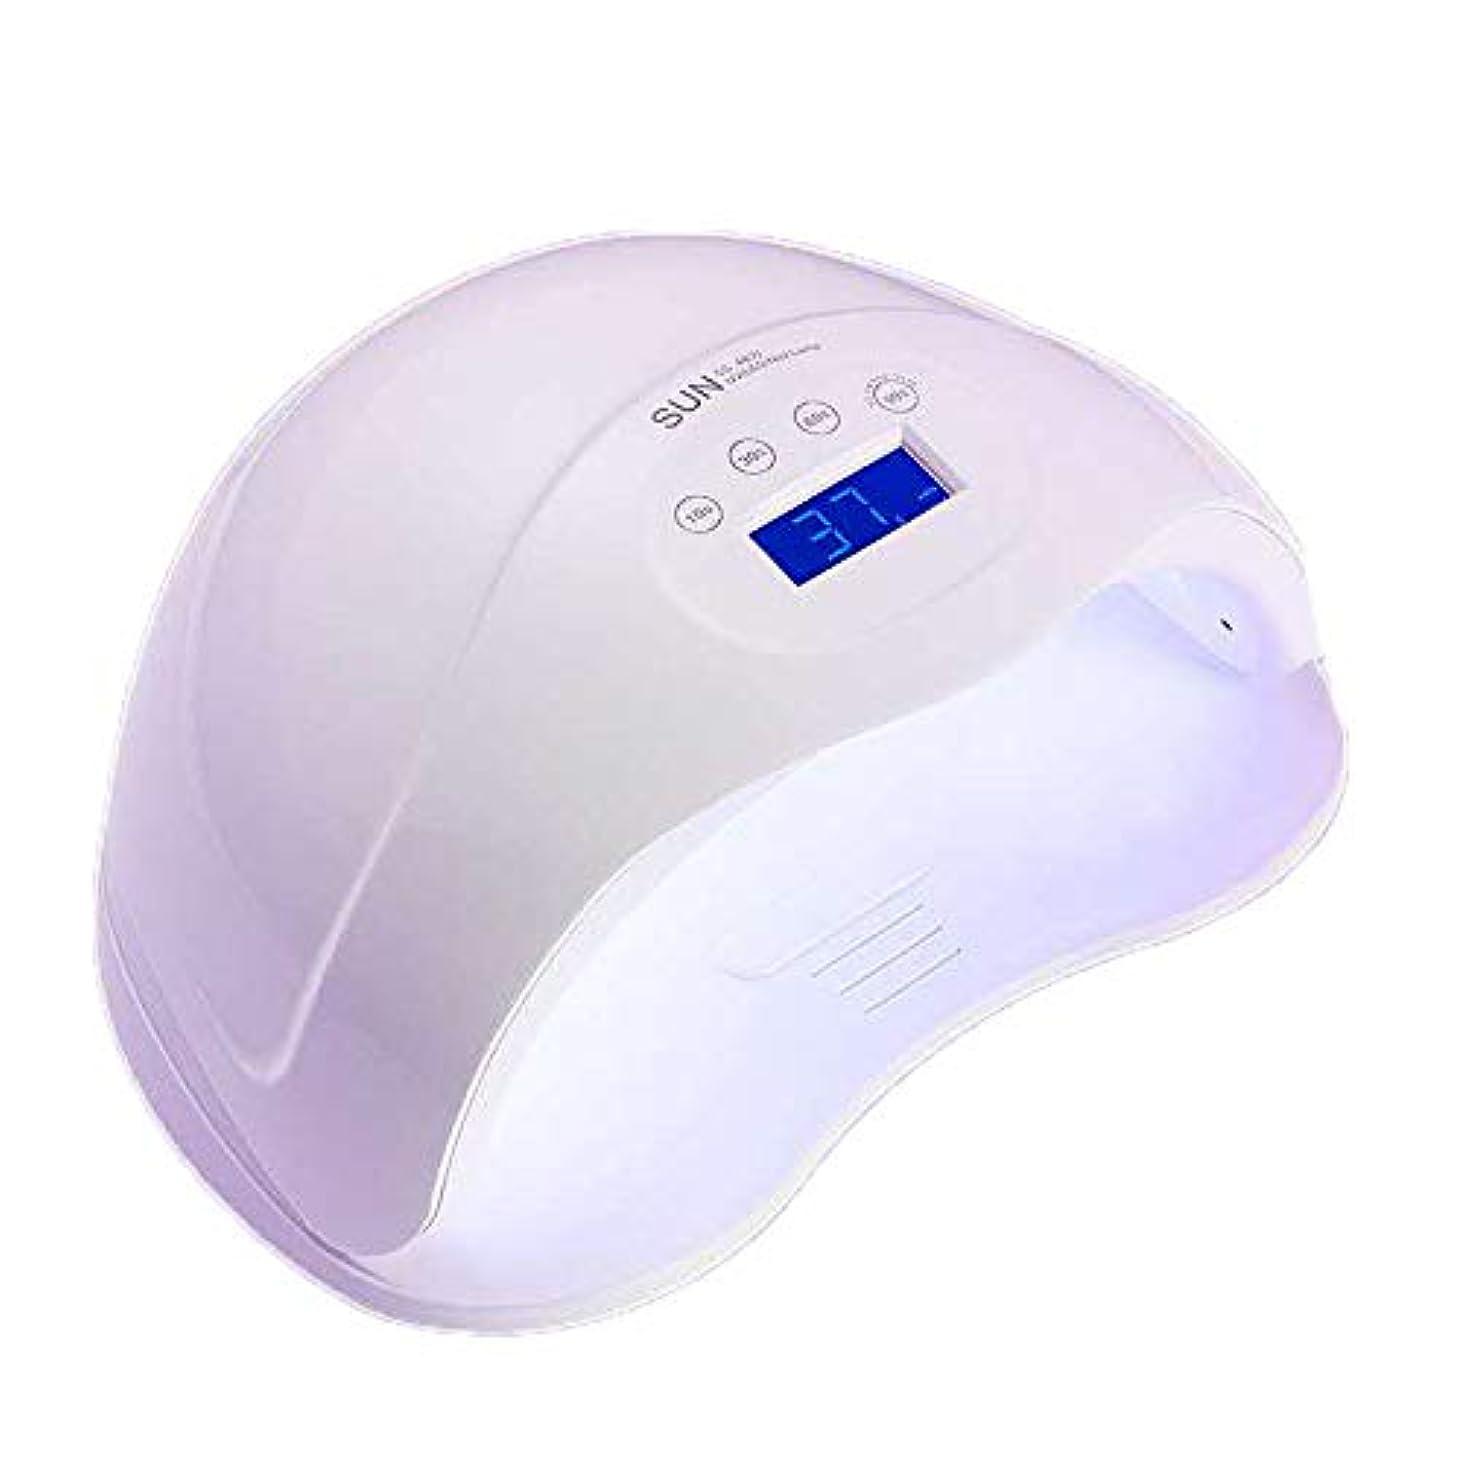 神秘奪うチャートネイルライト48W、UV/LEDネイルドライヤー痛みのない硬化光自動誘導LEDディスプレイ3タイマーセットネイルとトーネイルジェルポリッシュ